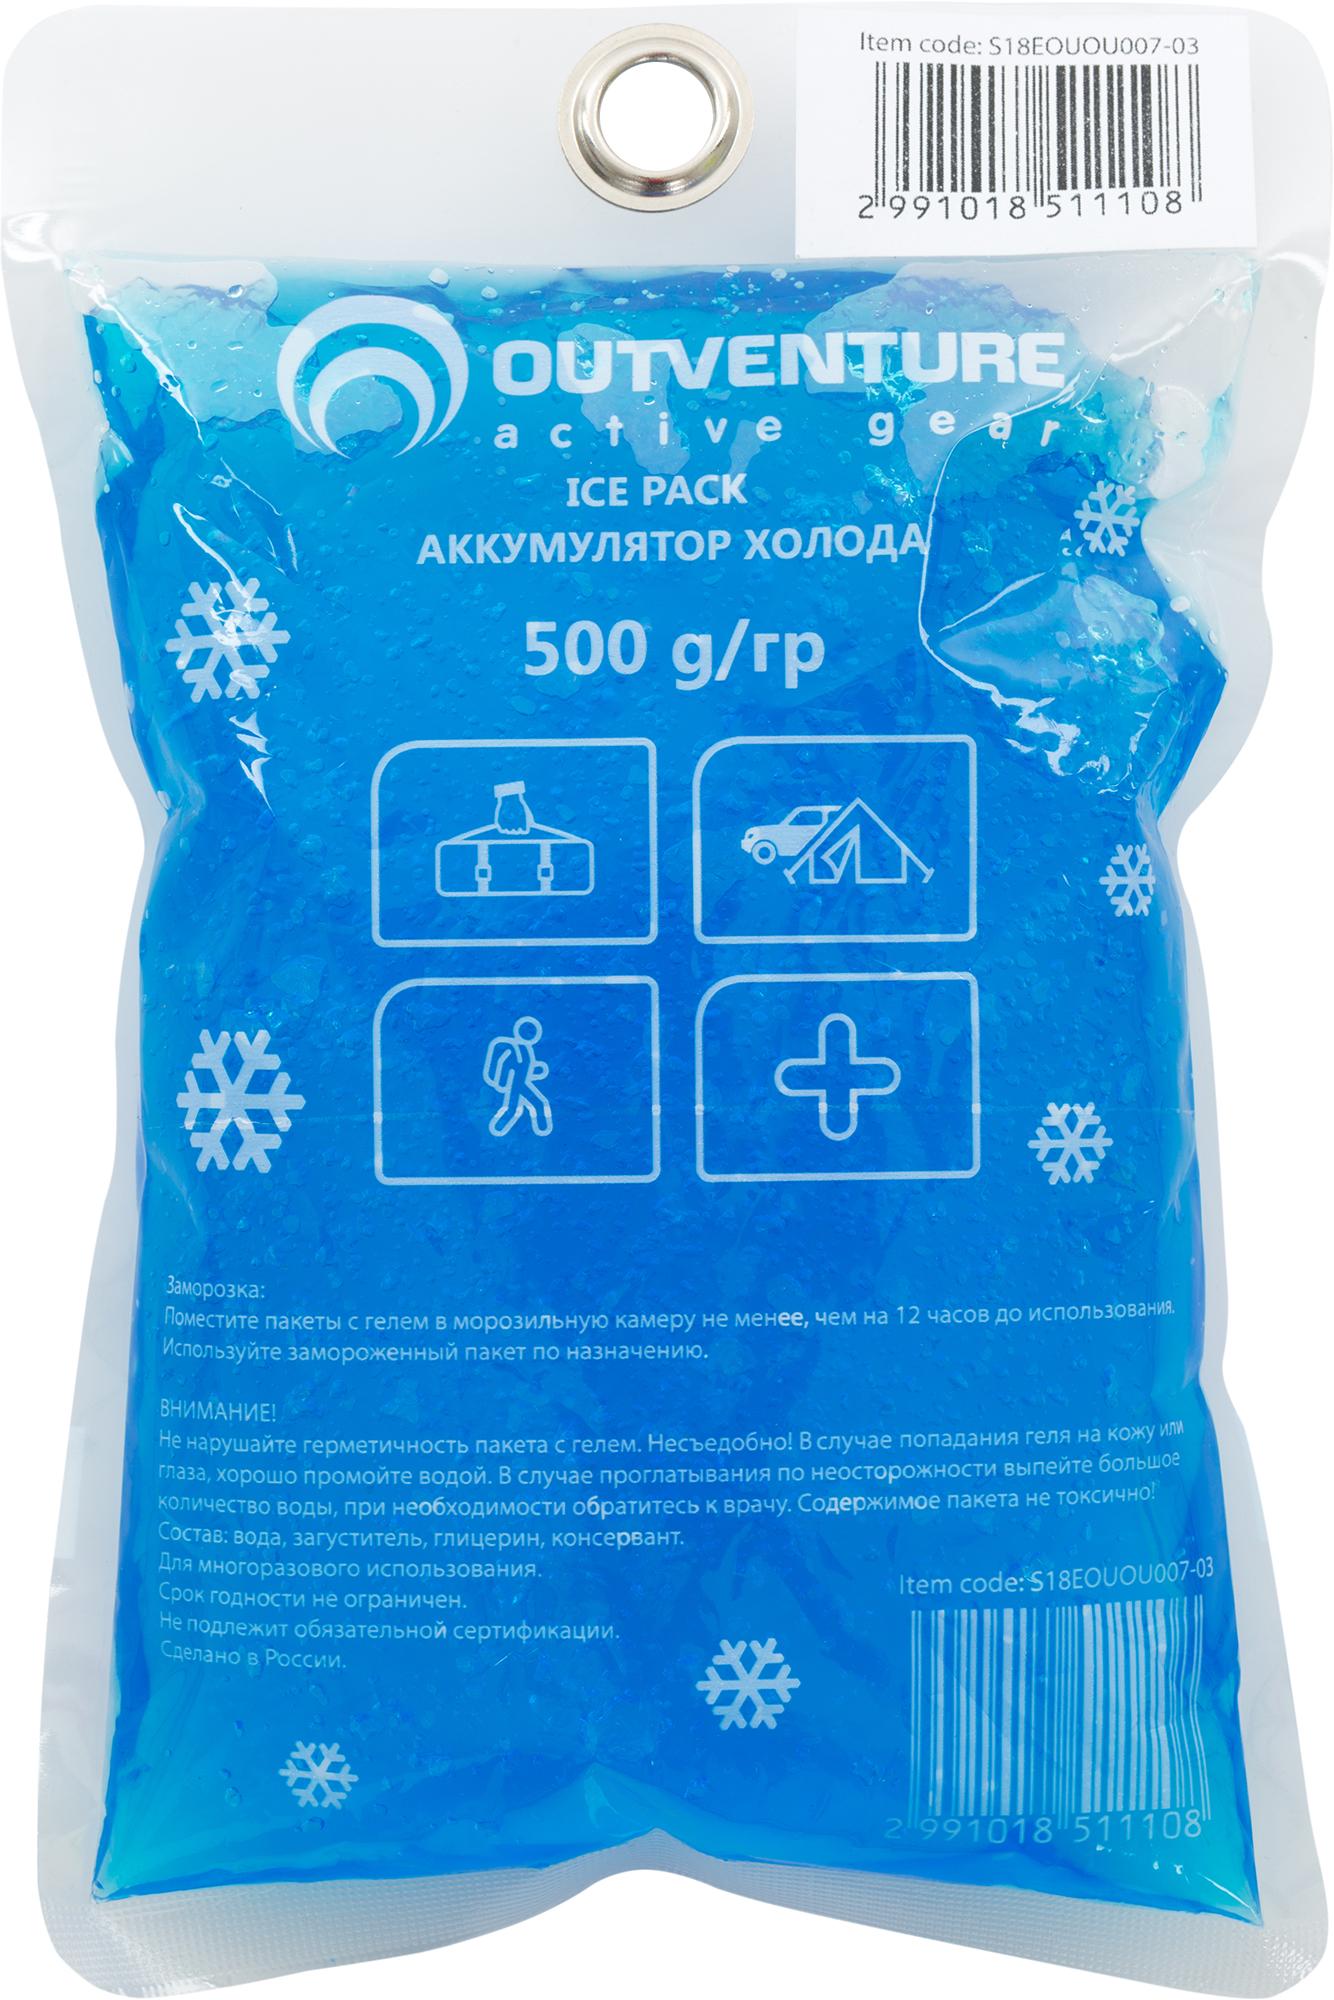 Outventure Аккумулятор холода